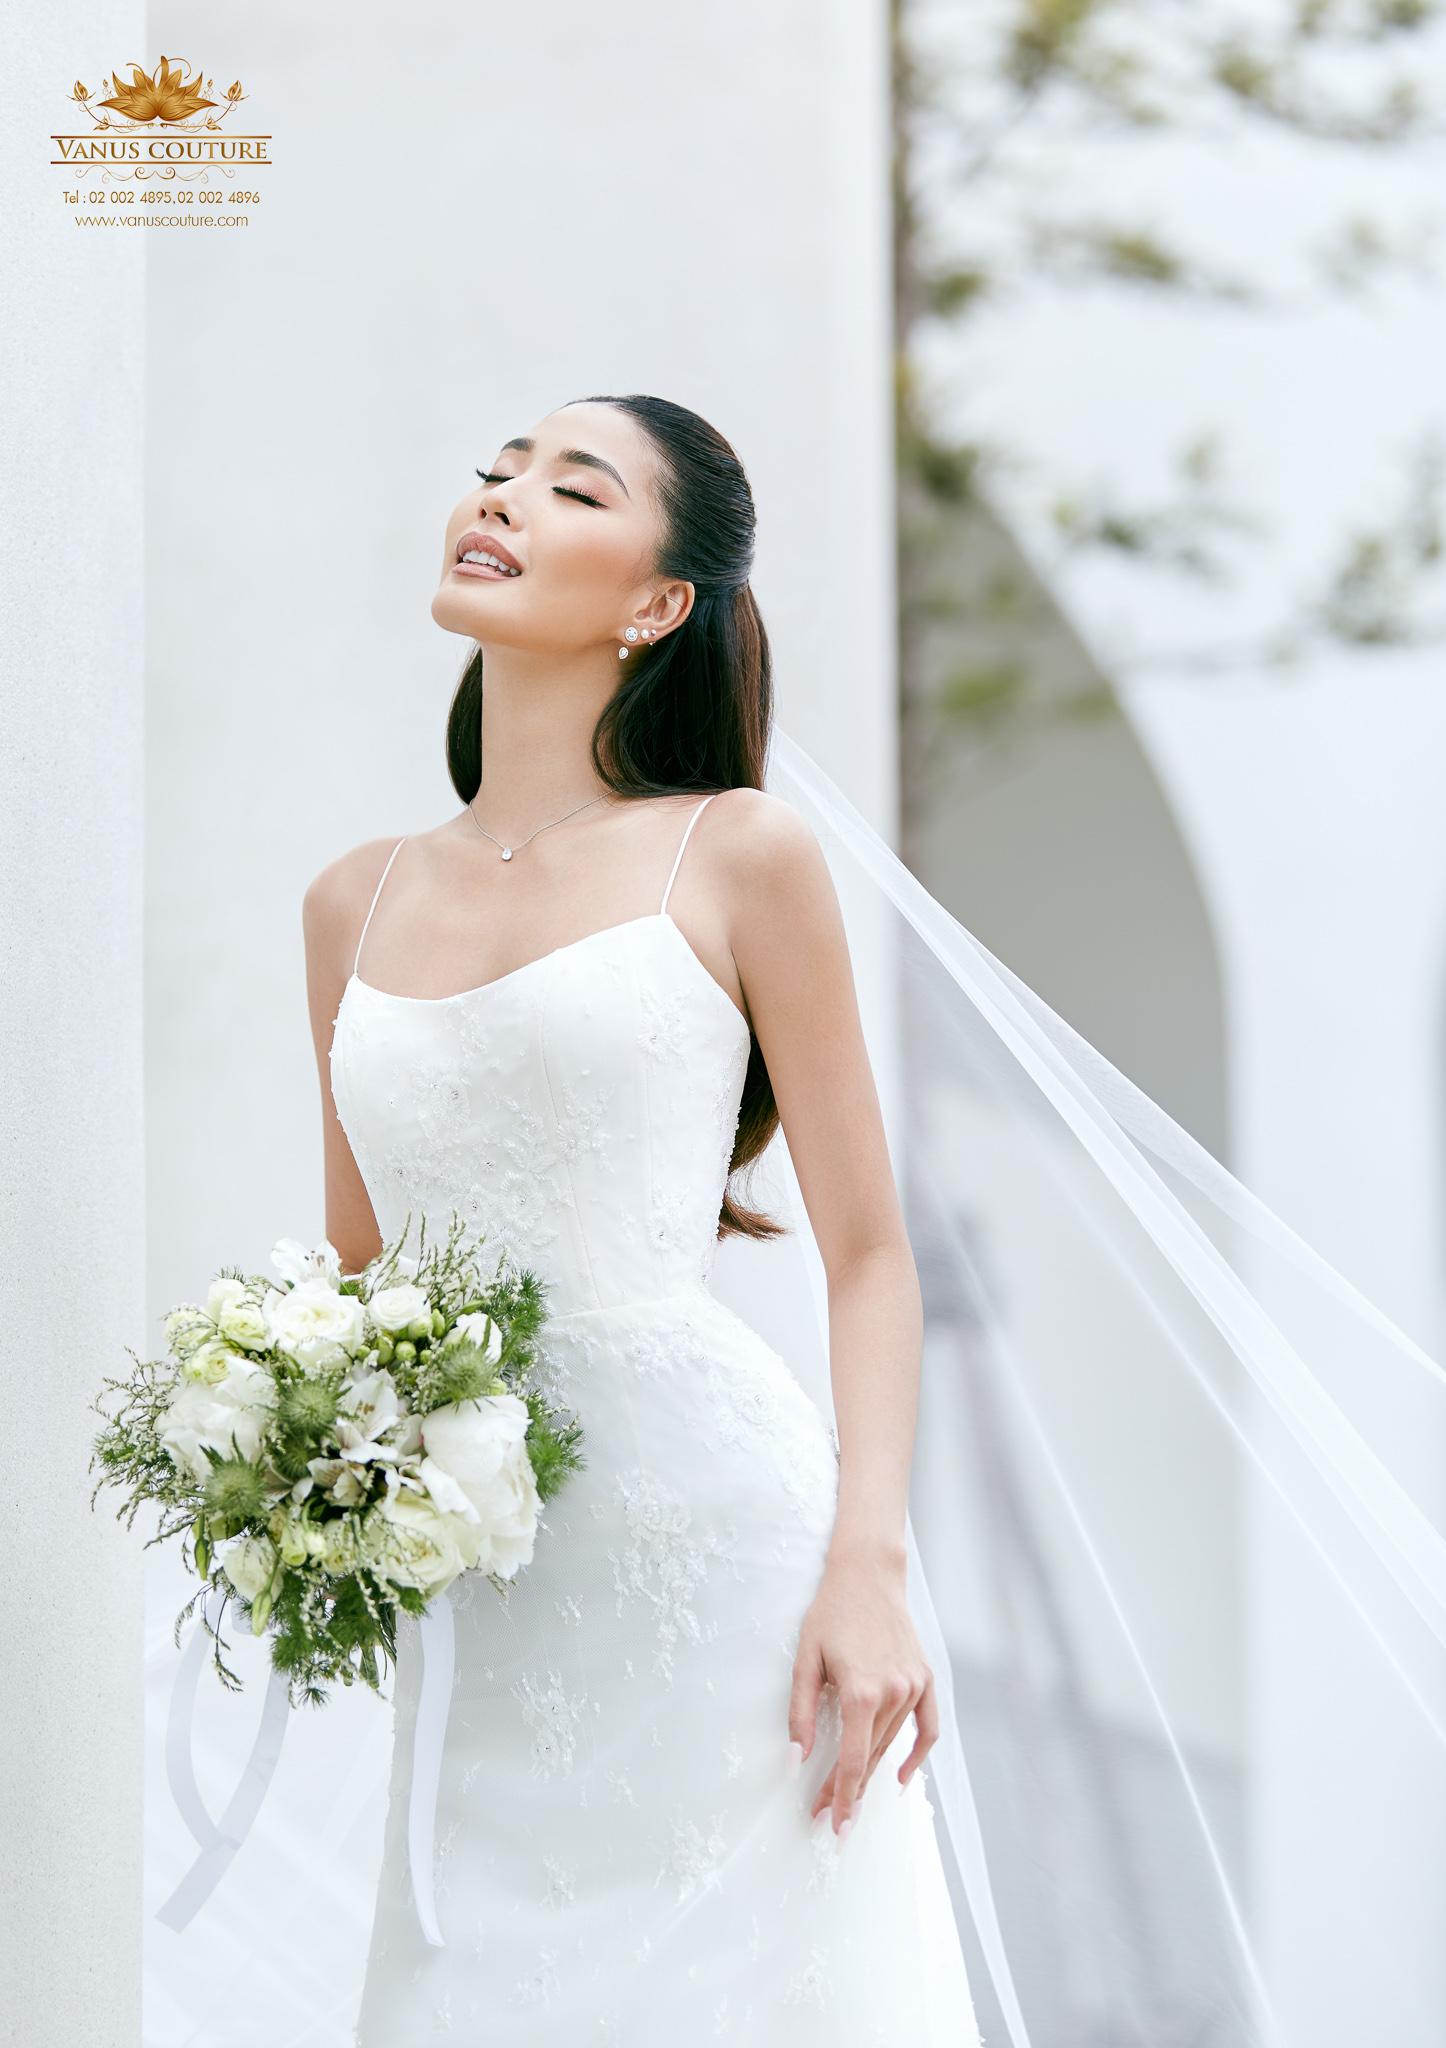 Minimal Wedding Dress - Zorzo 05